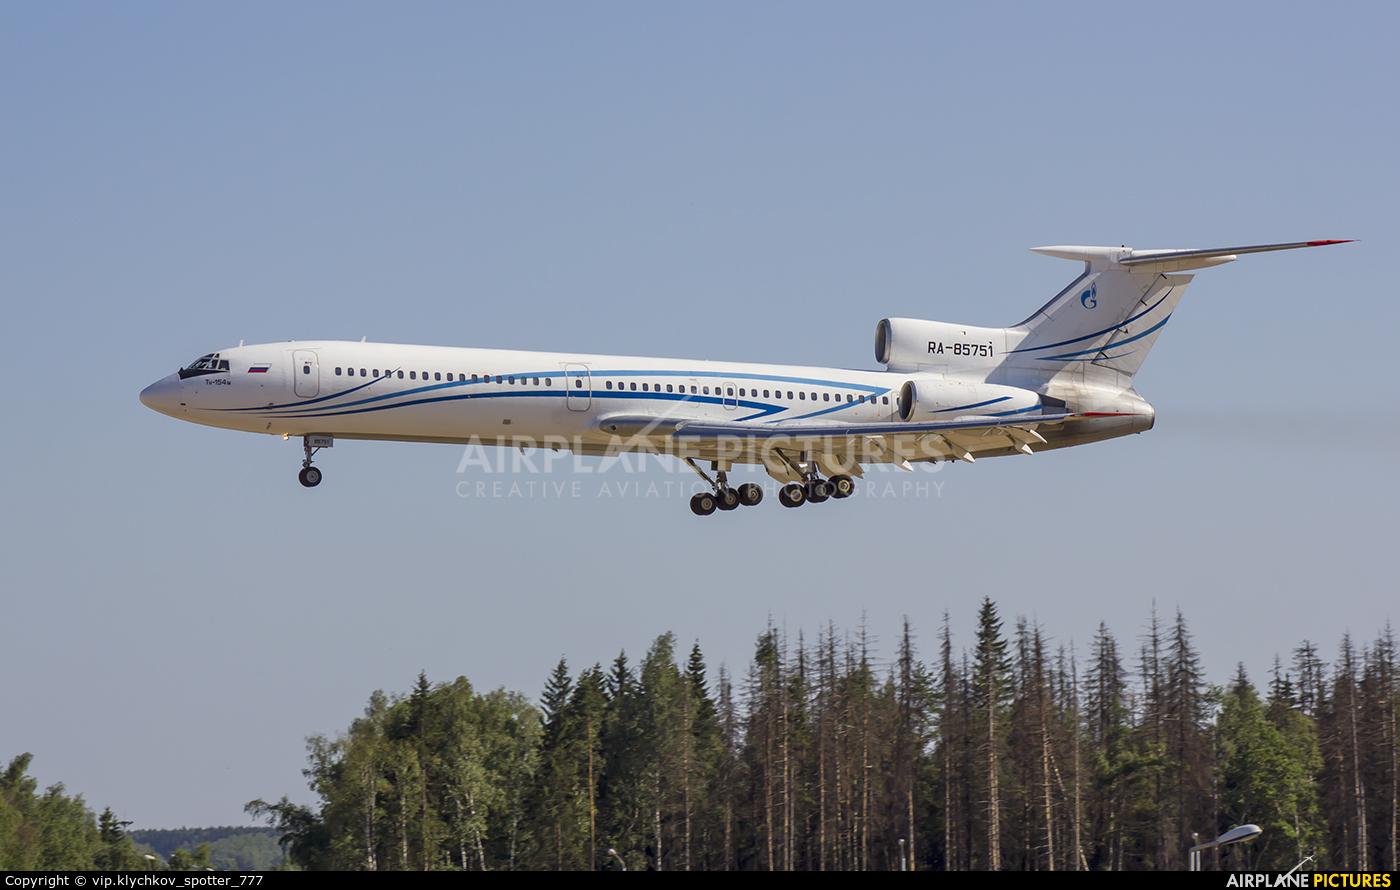 Gazpromavia RA-85751 aircraft at Moscow - Vnukovo